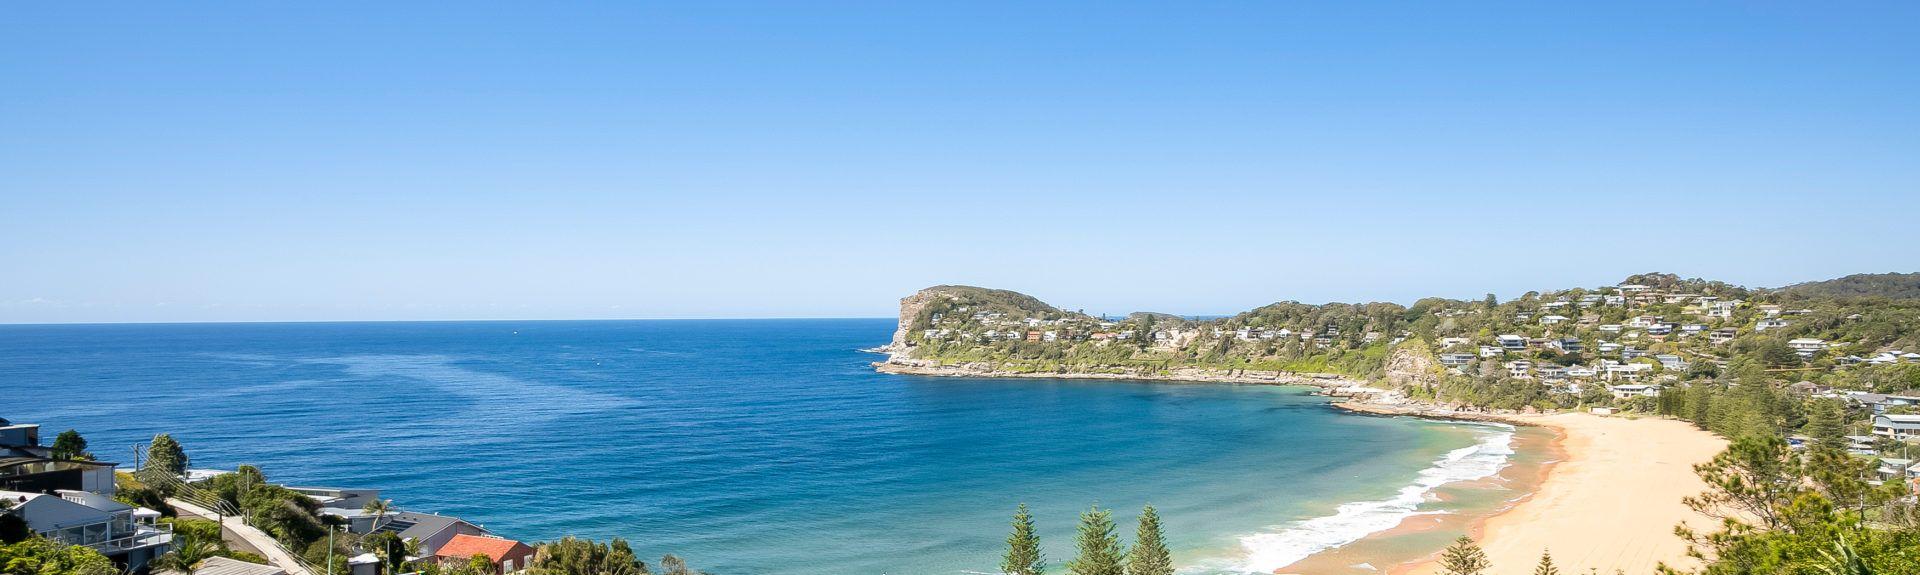 Dangar Island, Sydney, New South Wales, Australia